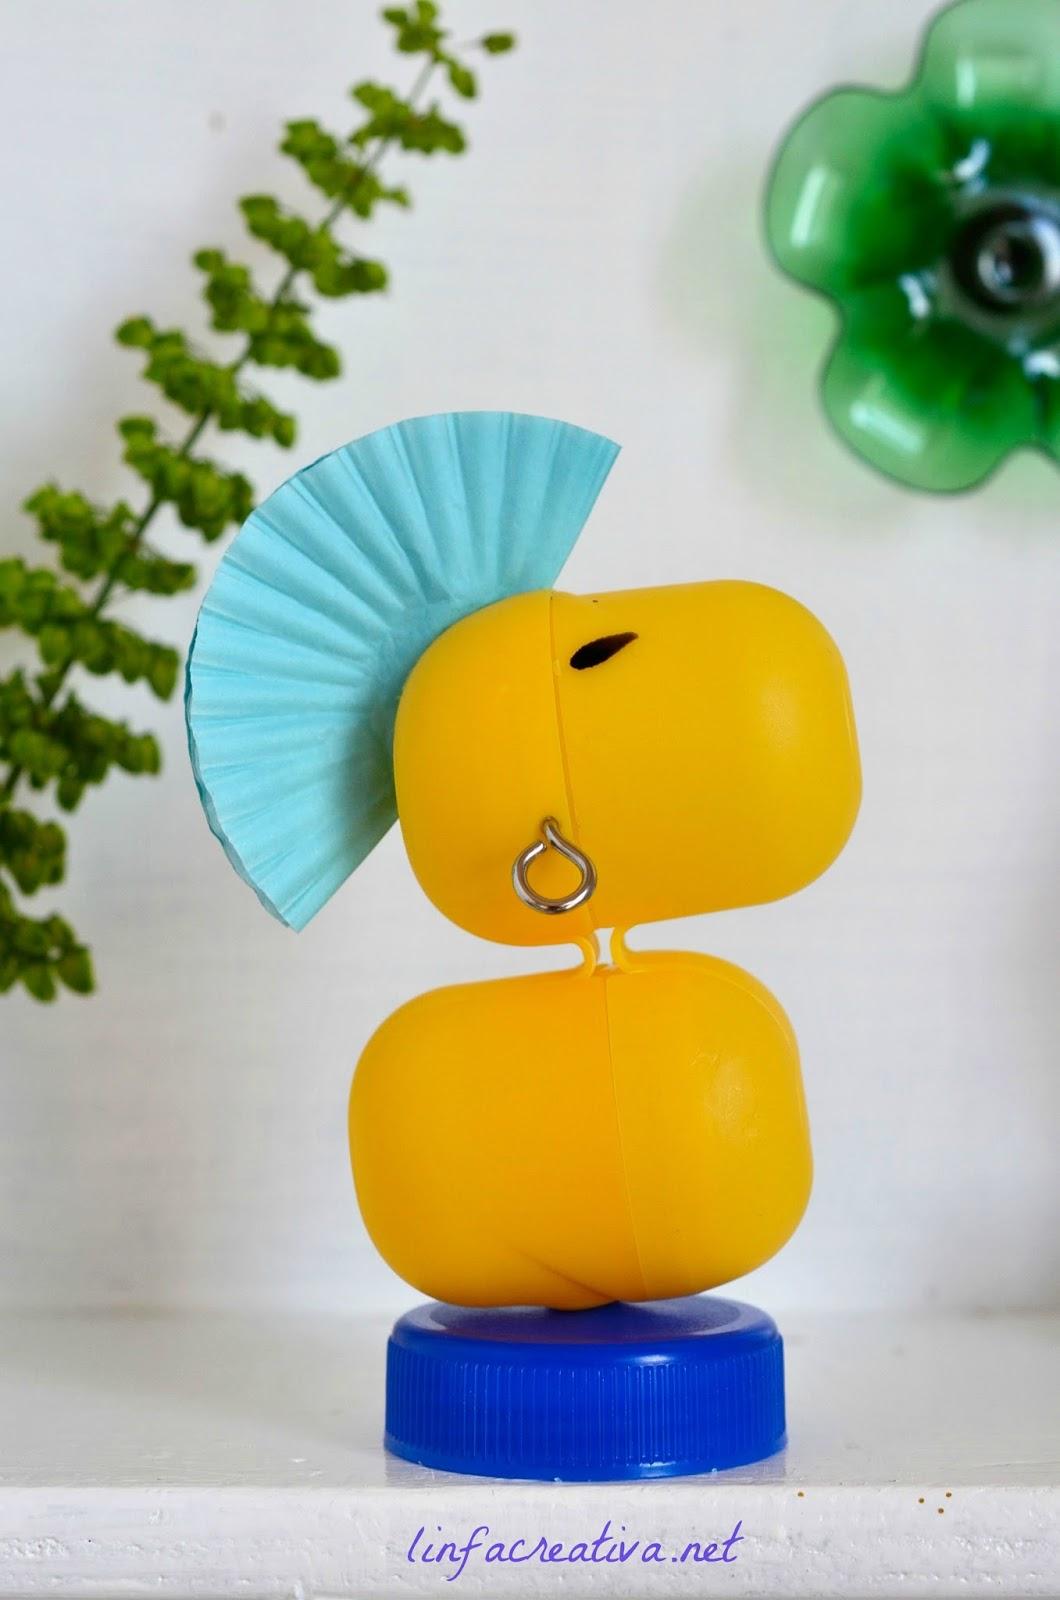 scultura fatta riciclando le capsule degli ovetti Kinder rappesentatnte un uccellino che ricorda Woodstock